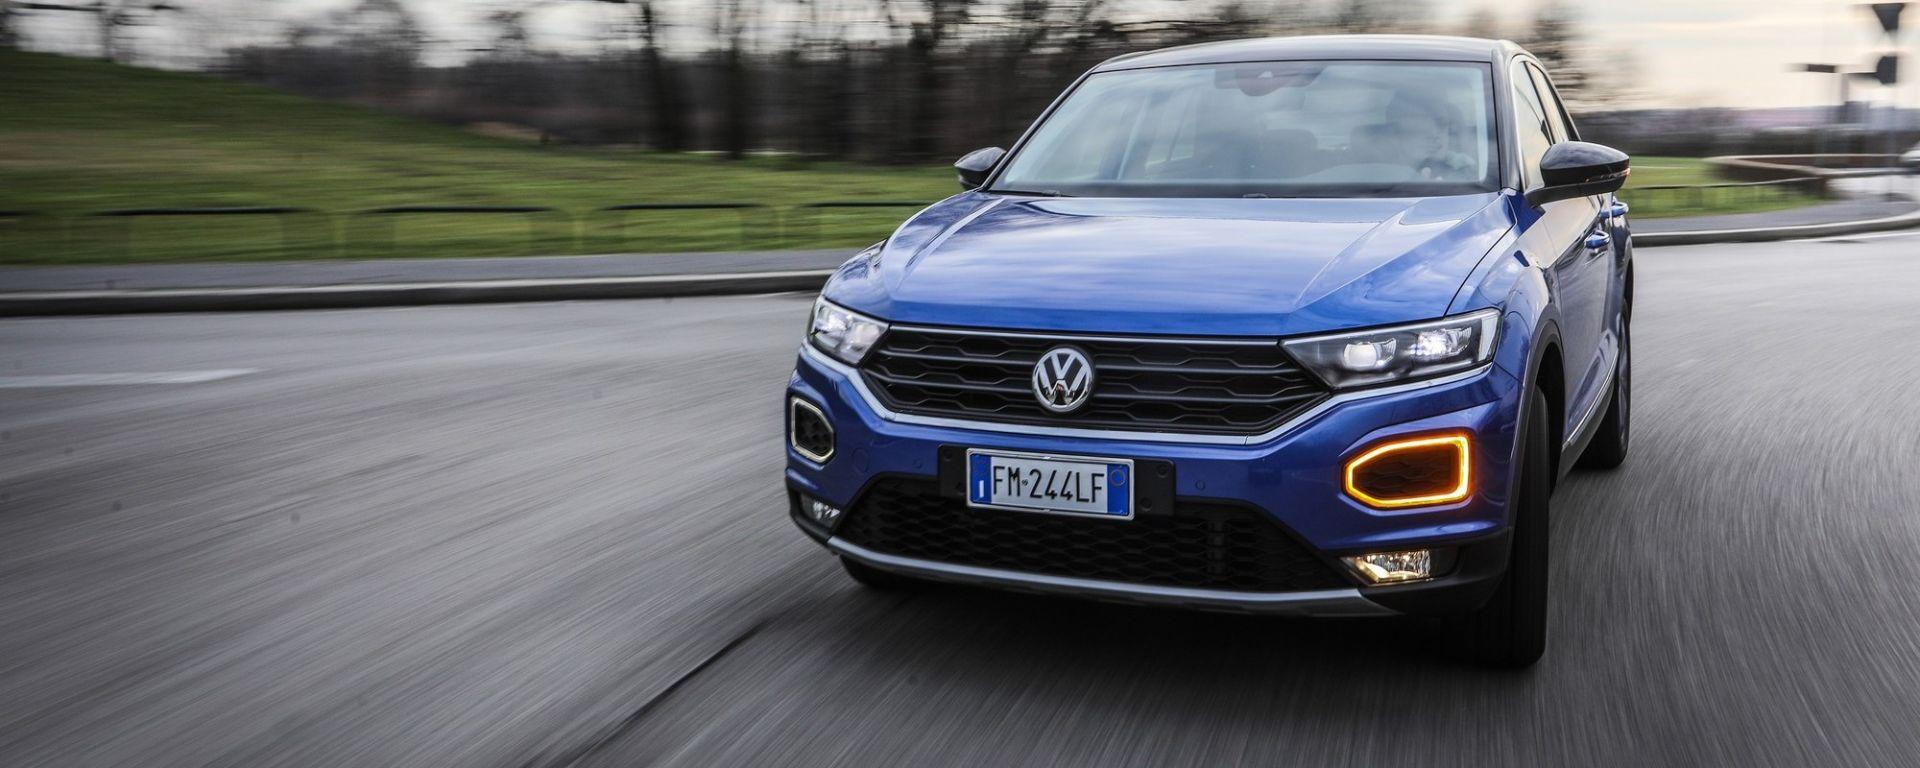 Volkswagen T-Roc 1.0 TSI, la prova